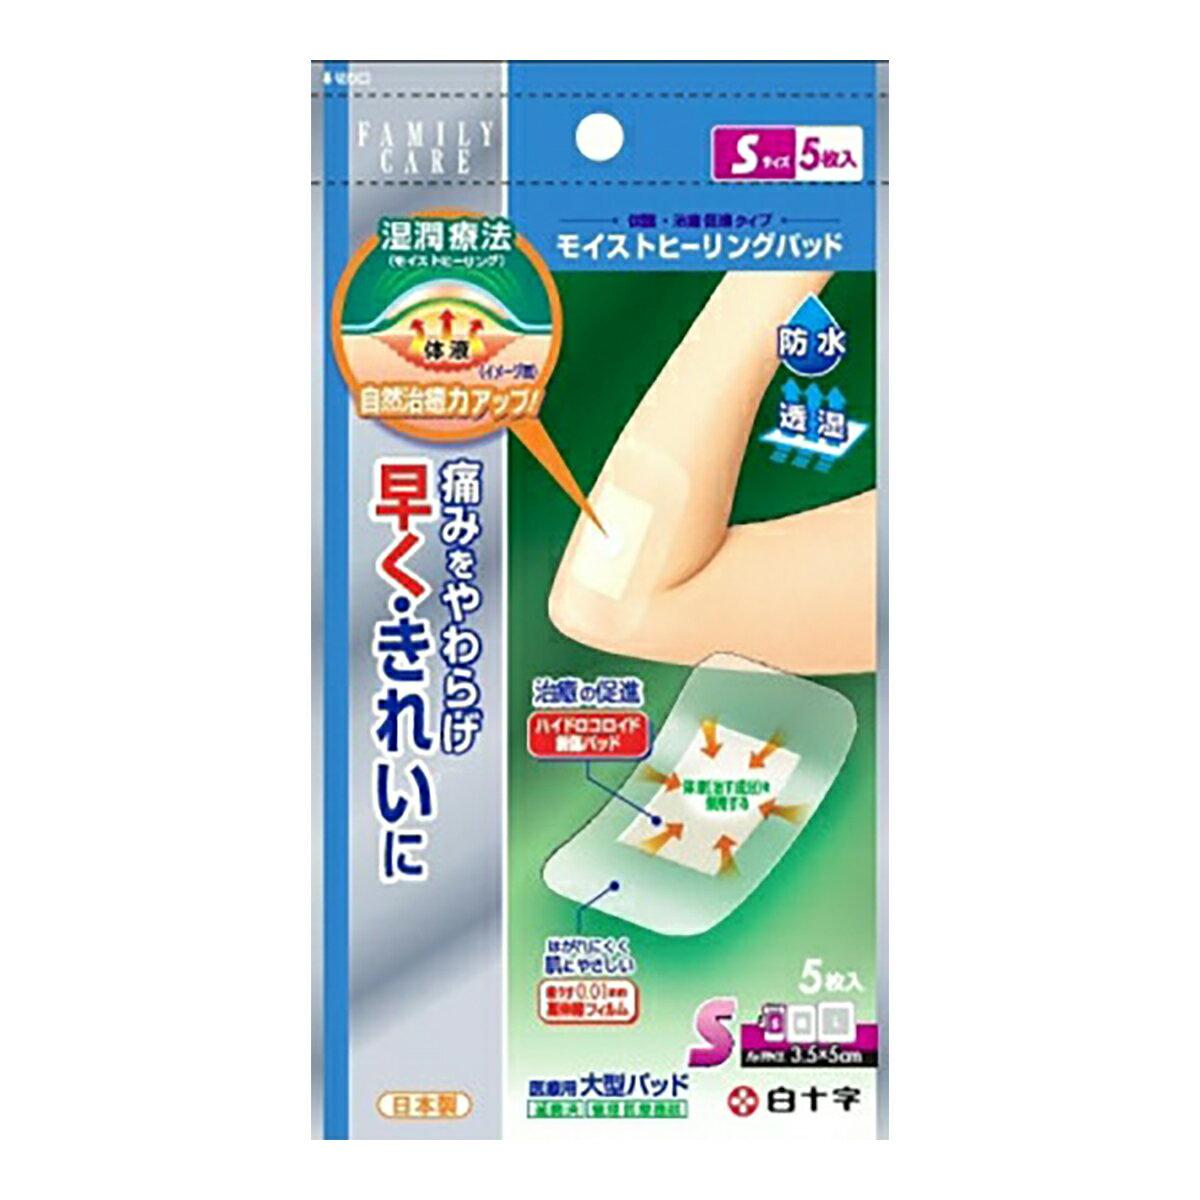 FC モイストヒーリングパッド S 5枚入×100個セット  ( 4987603464698 ):姫路流通センター